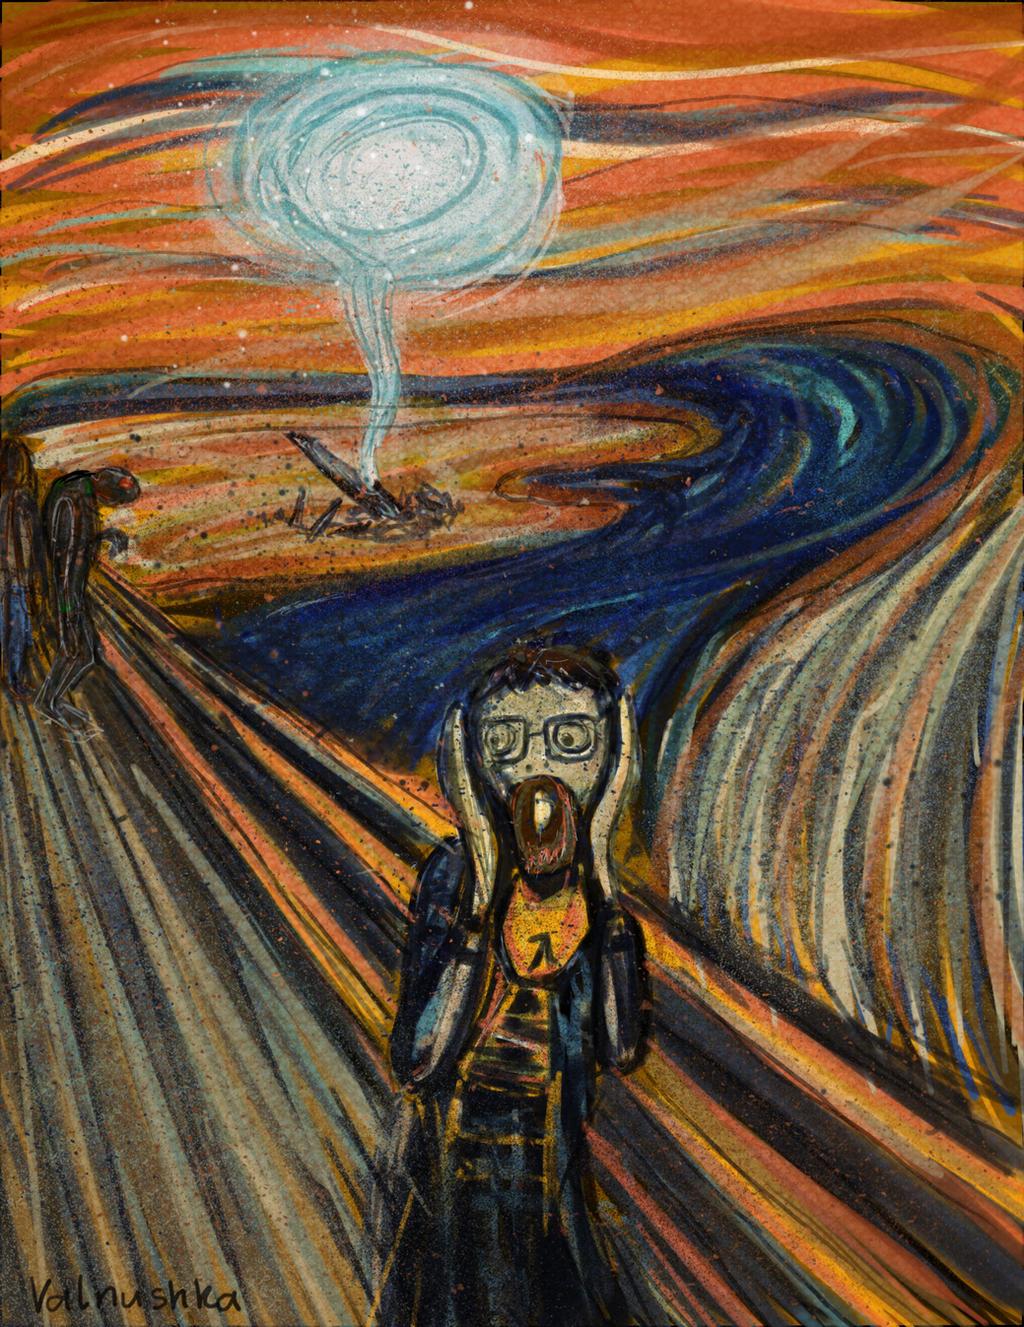 Half-Life - Scream by Valnushka